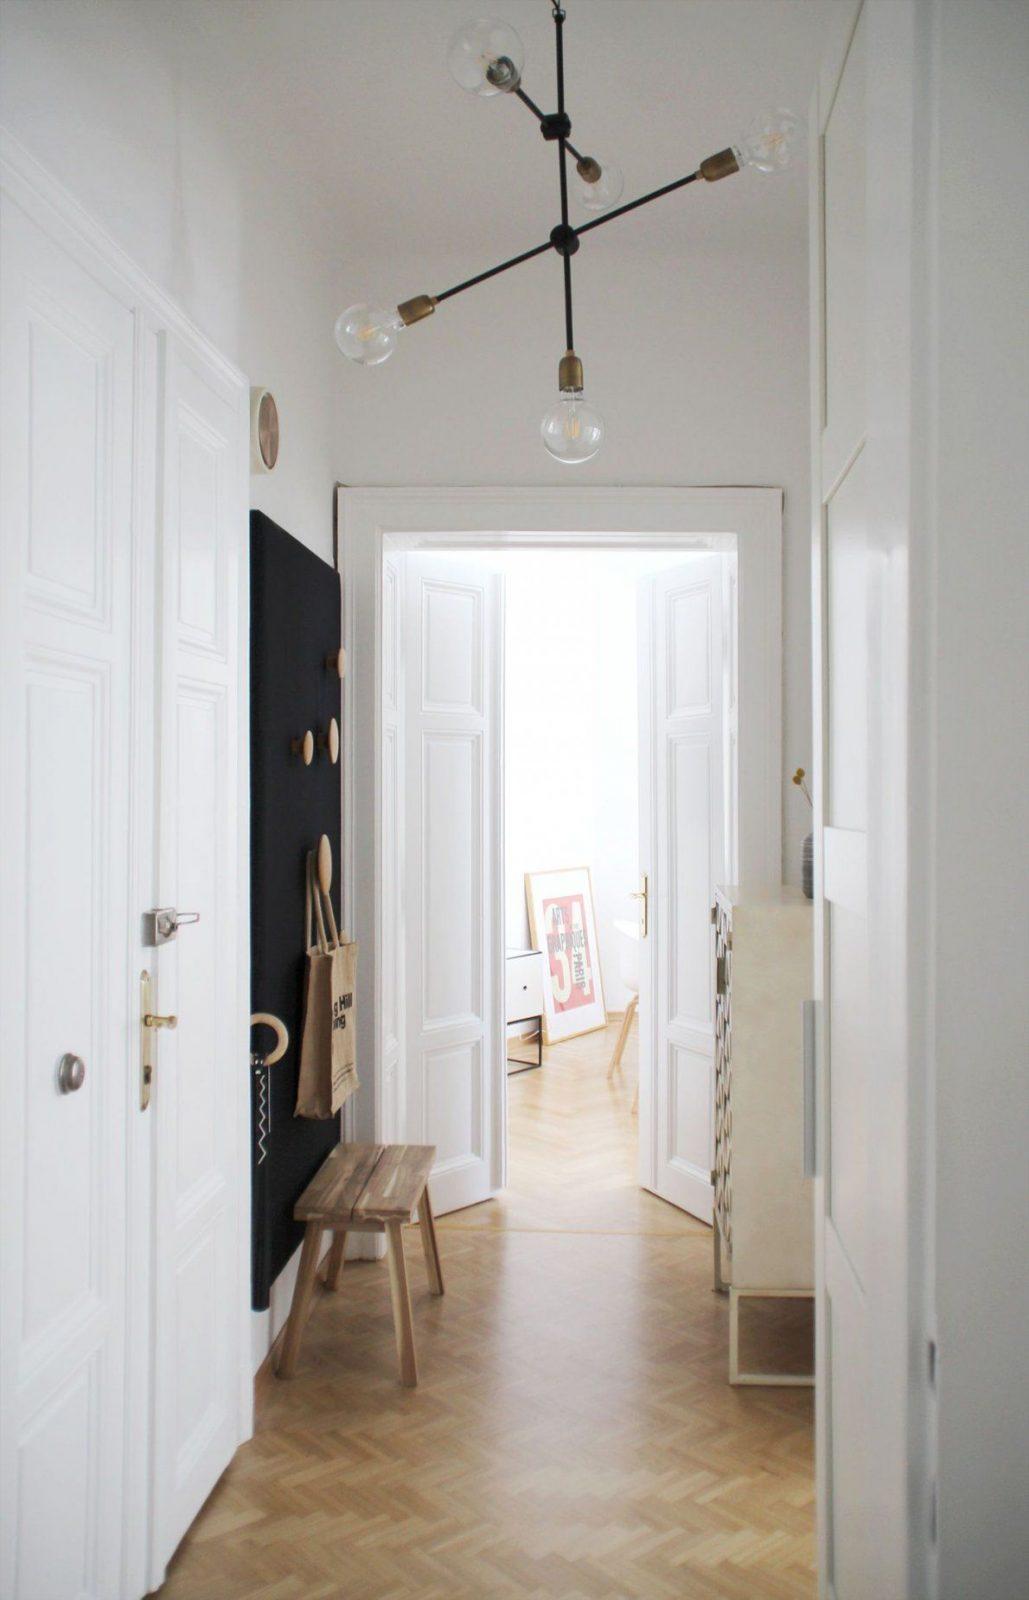 ... Wandfarbe Schwarz Die Besten Ideen Für Dunkle Wände Von Wand Farbig  Streichen Rand Lassen Bild ...